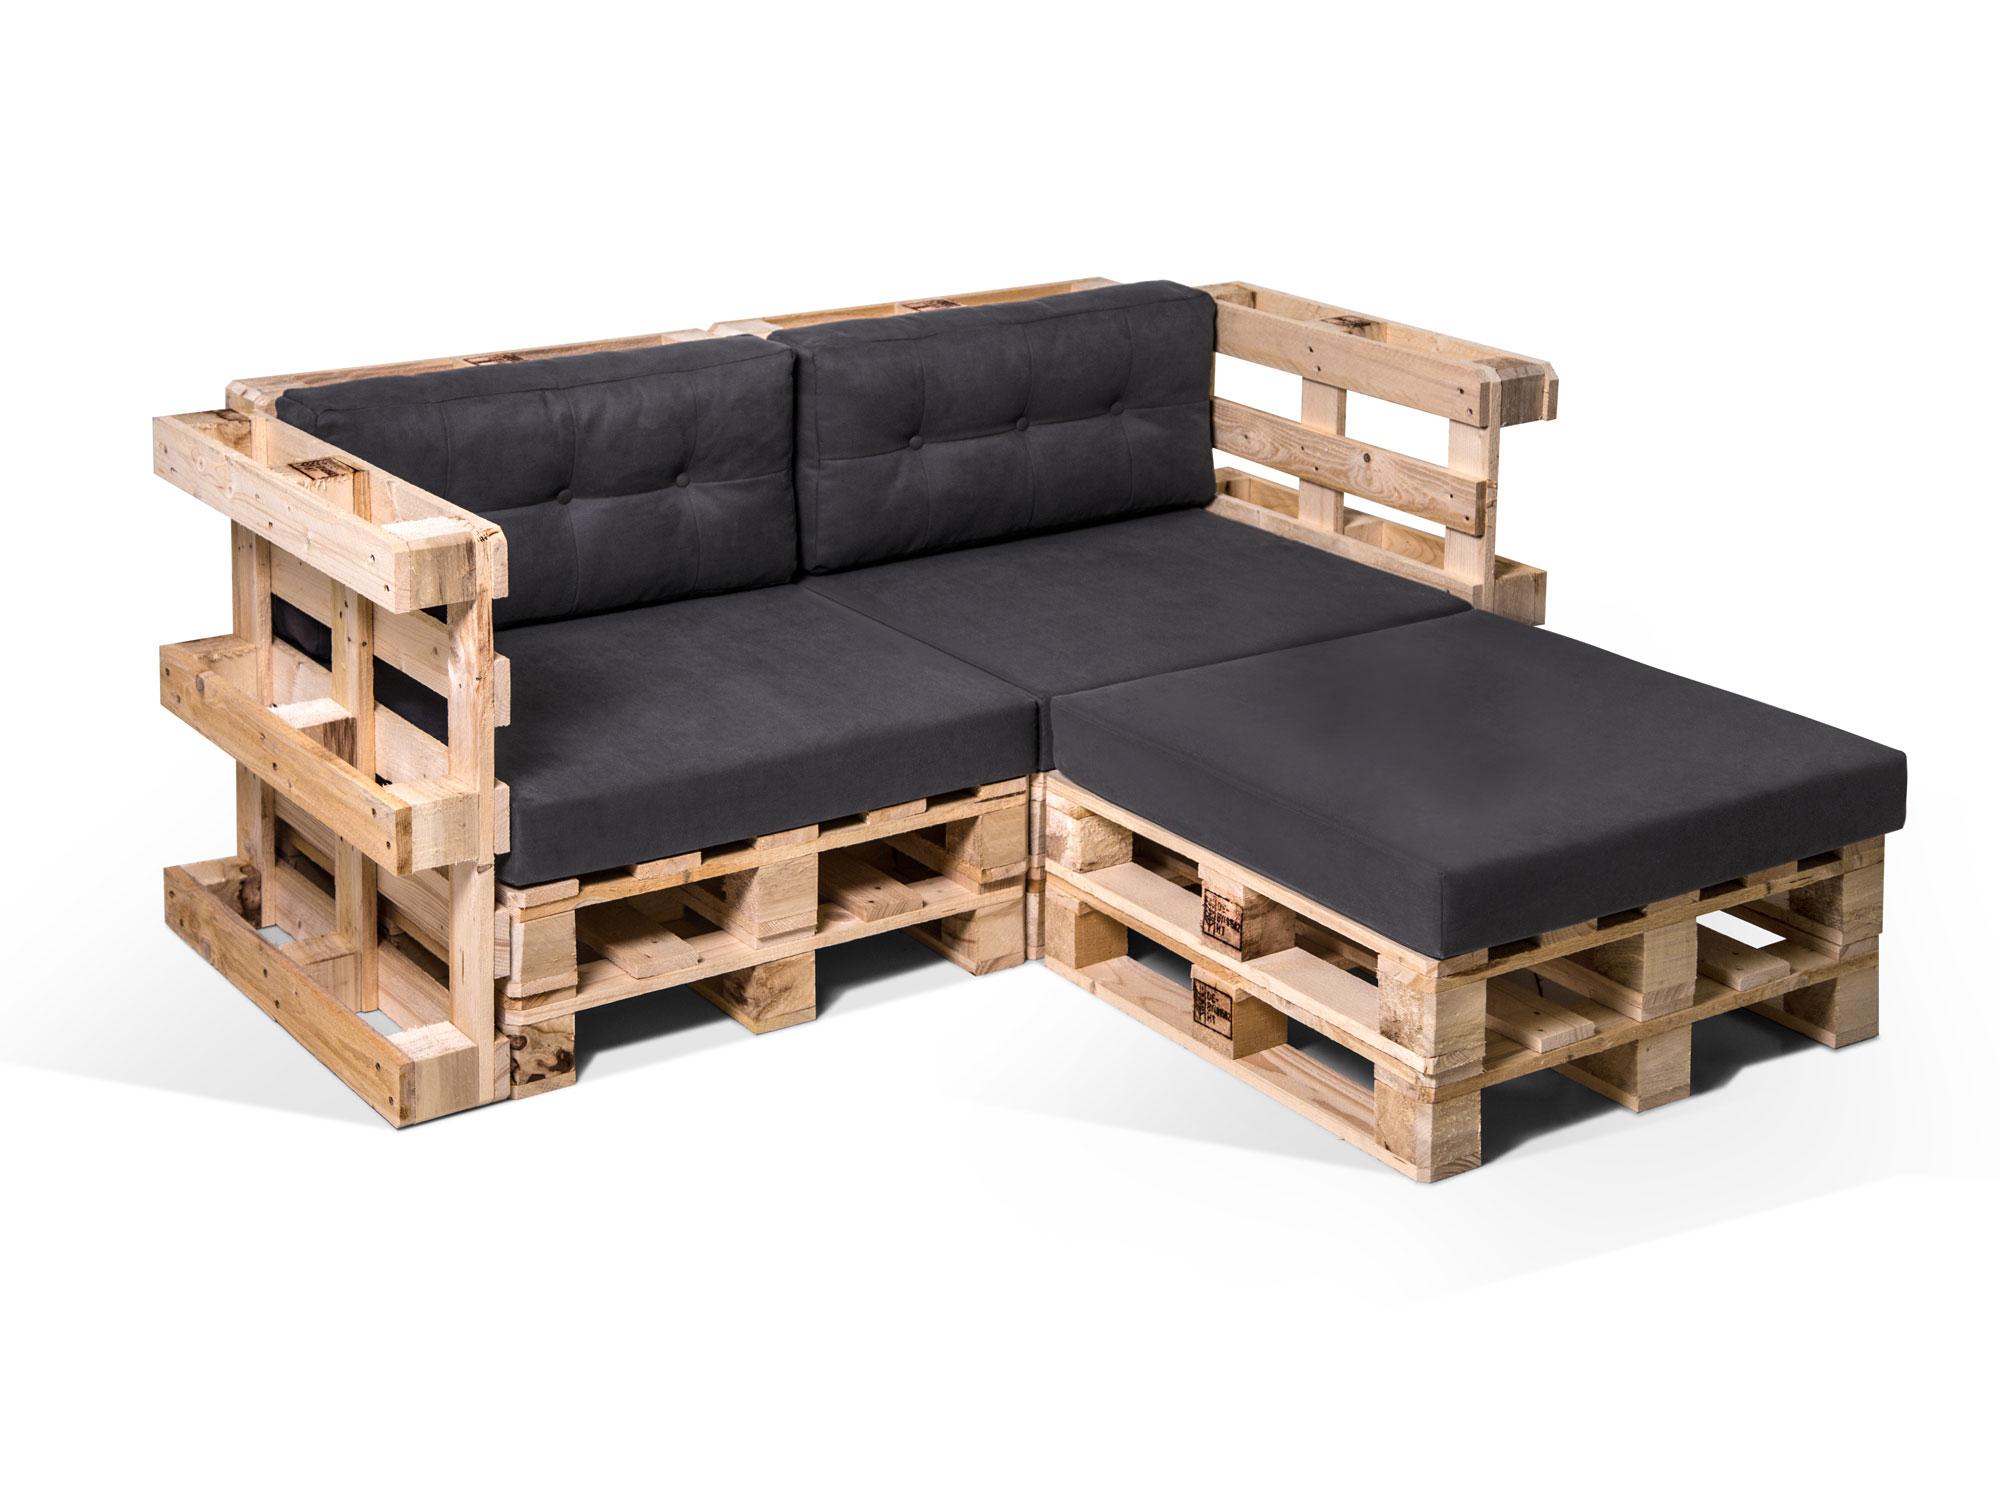 paletti ecksofa zweisitzer inkl auflagen paletten palettensofa fichte natur ebay. Black Bedroom Furniture Sets. Home Design Ideas